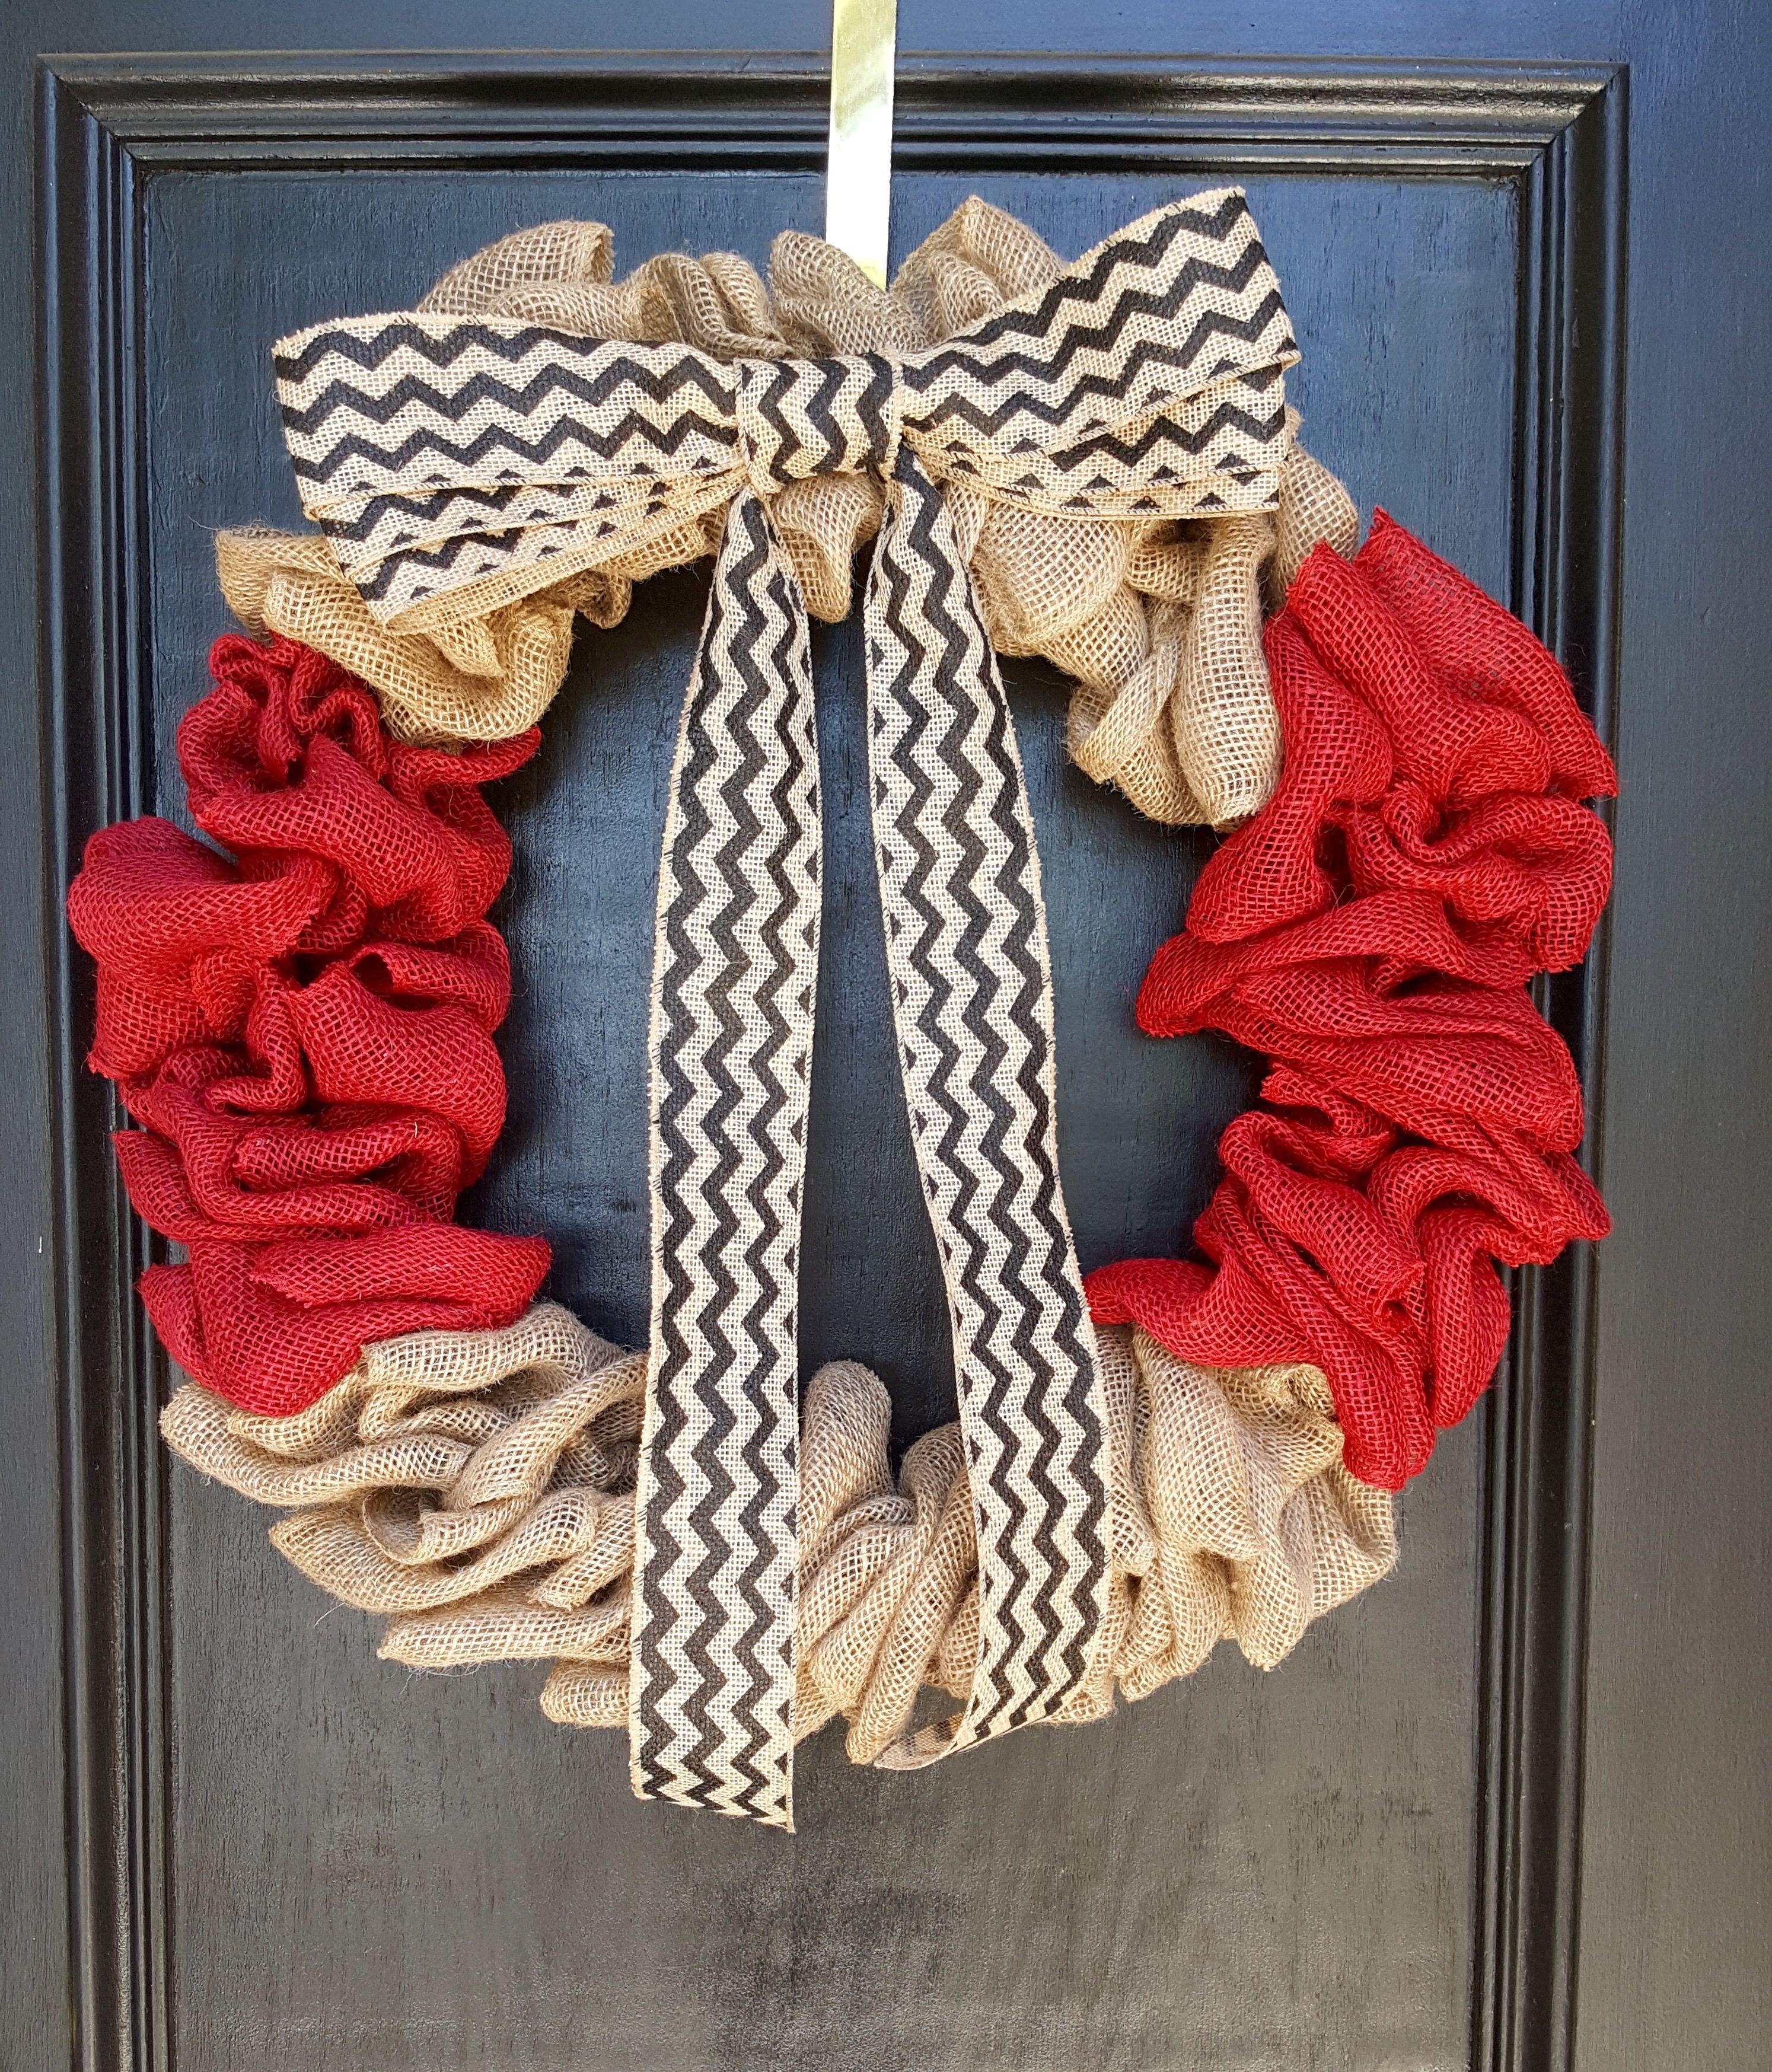 Wreaths, Garlands, Door Wreaths, Deco Mesh Wreaths, Floral Wreath